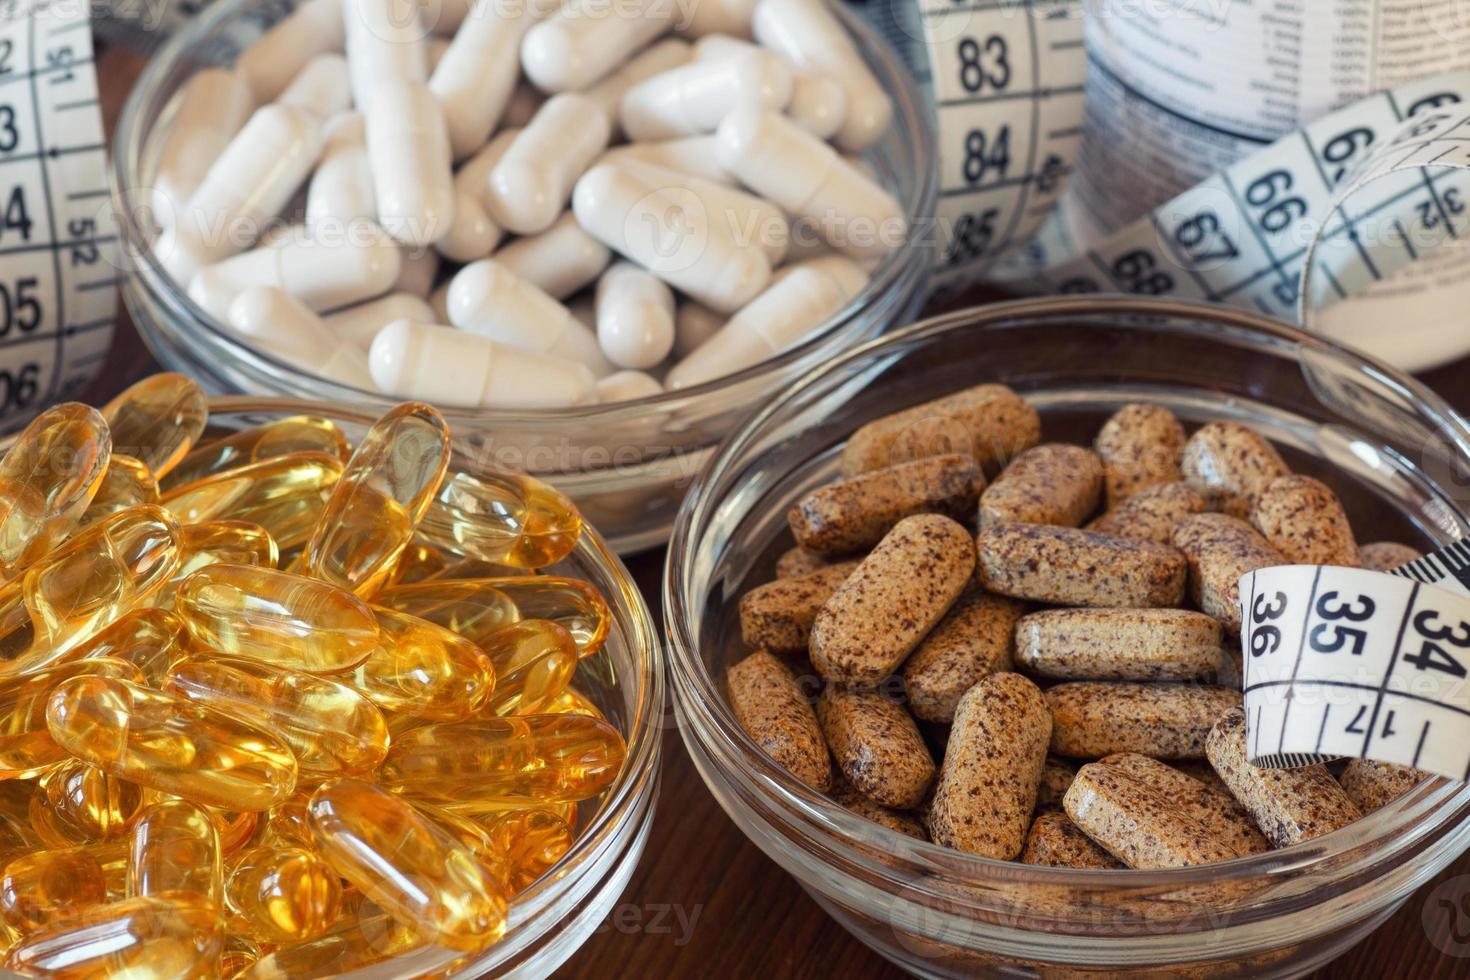 voedingssupplementen in capsules en tabletten. foto